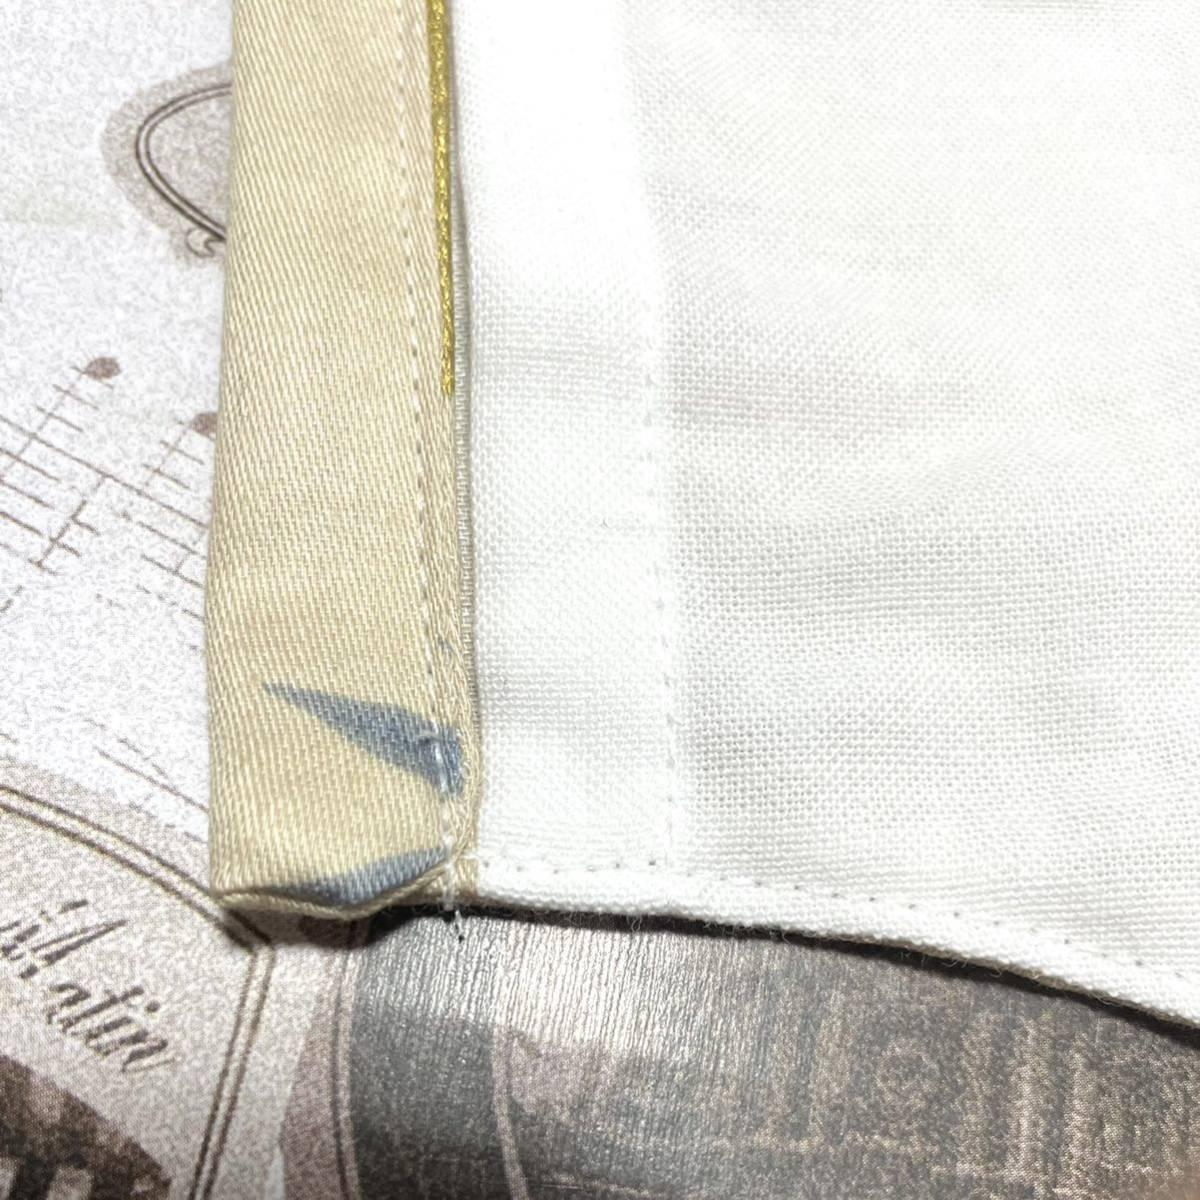 インナーマスク 立体 和柄 フィルターポケット ハンドメイド 高級晒し レギュラー 大きめ マスクカバー ノーズワイヤー メンズ_画像2